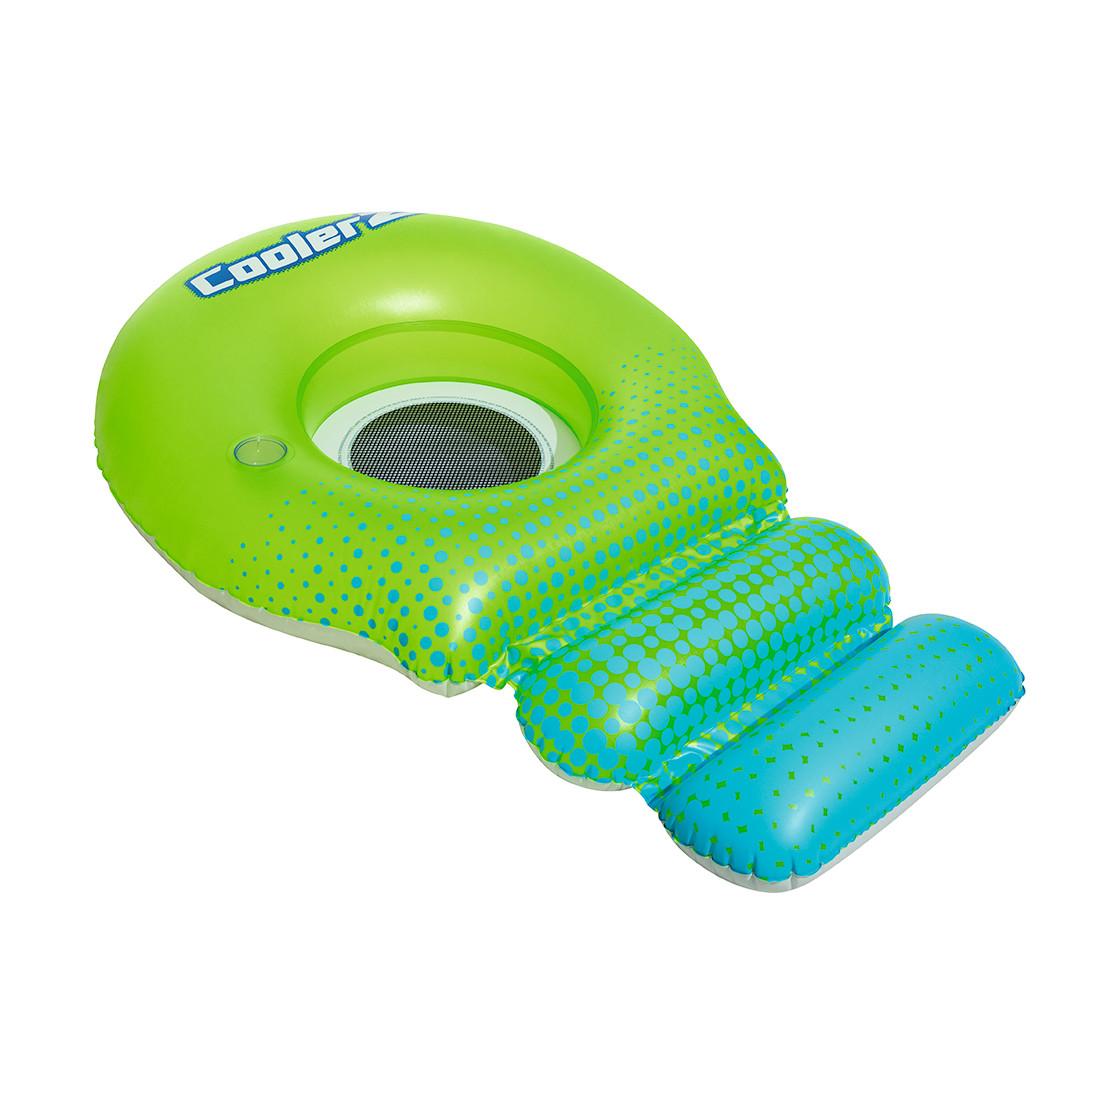 Пляжный шезлонг для отдыха на воде Super Sprawler 188 х 115 см BESTWAY 43138 Винил Сине-зеленый Цветная